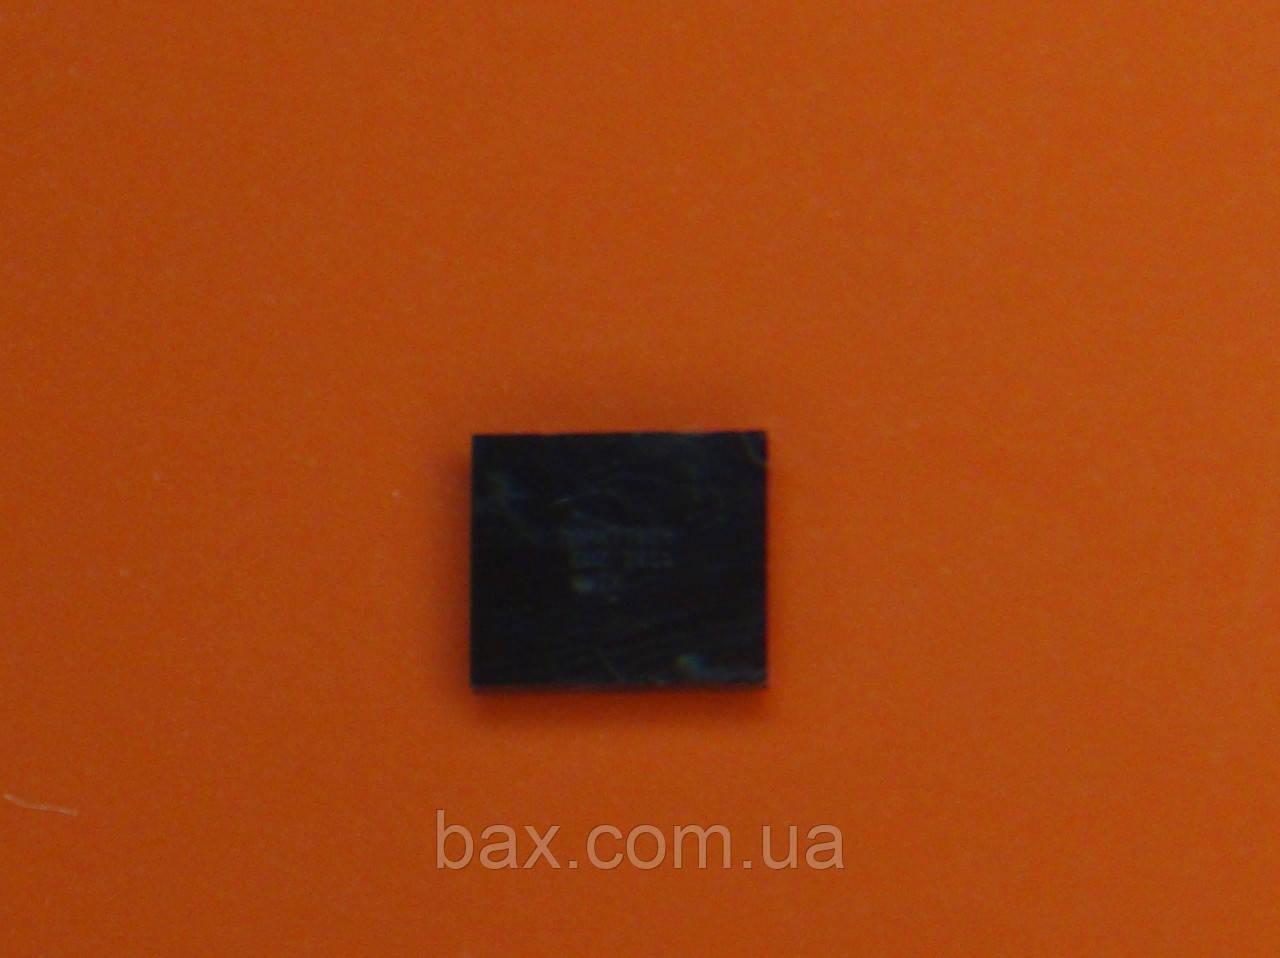 Микросхема контроллер питания MAX77854 Новый в упаковке